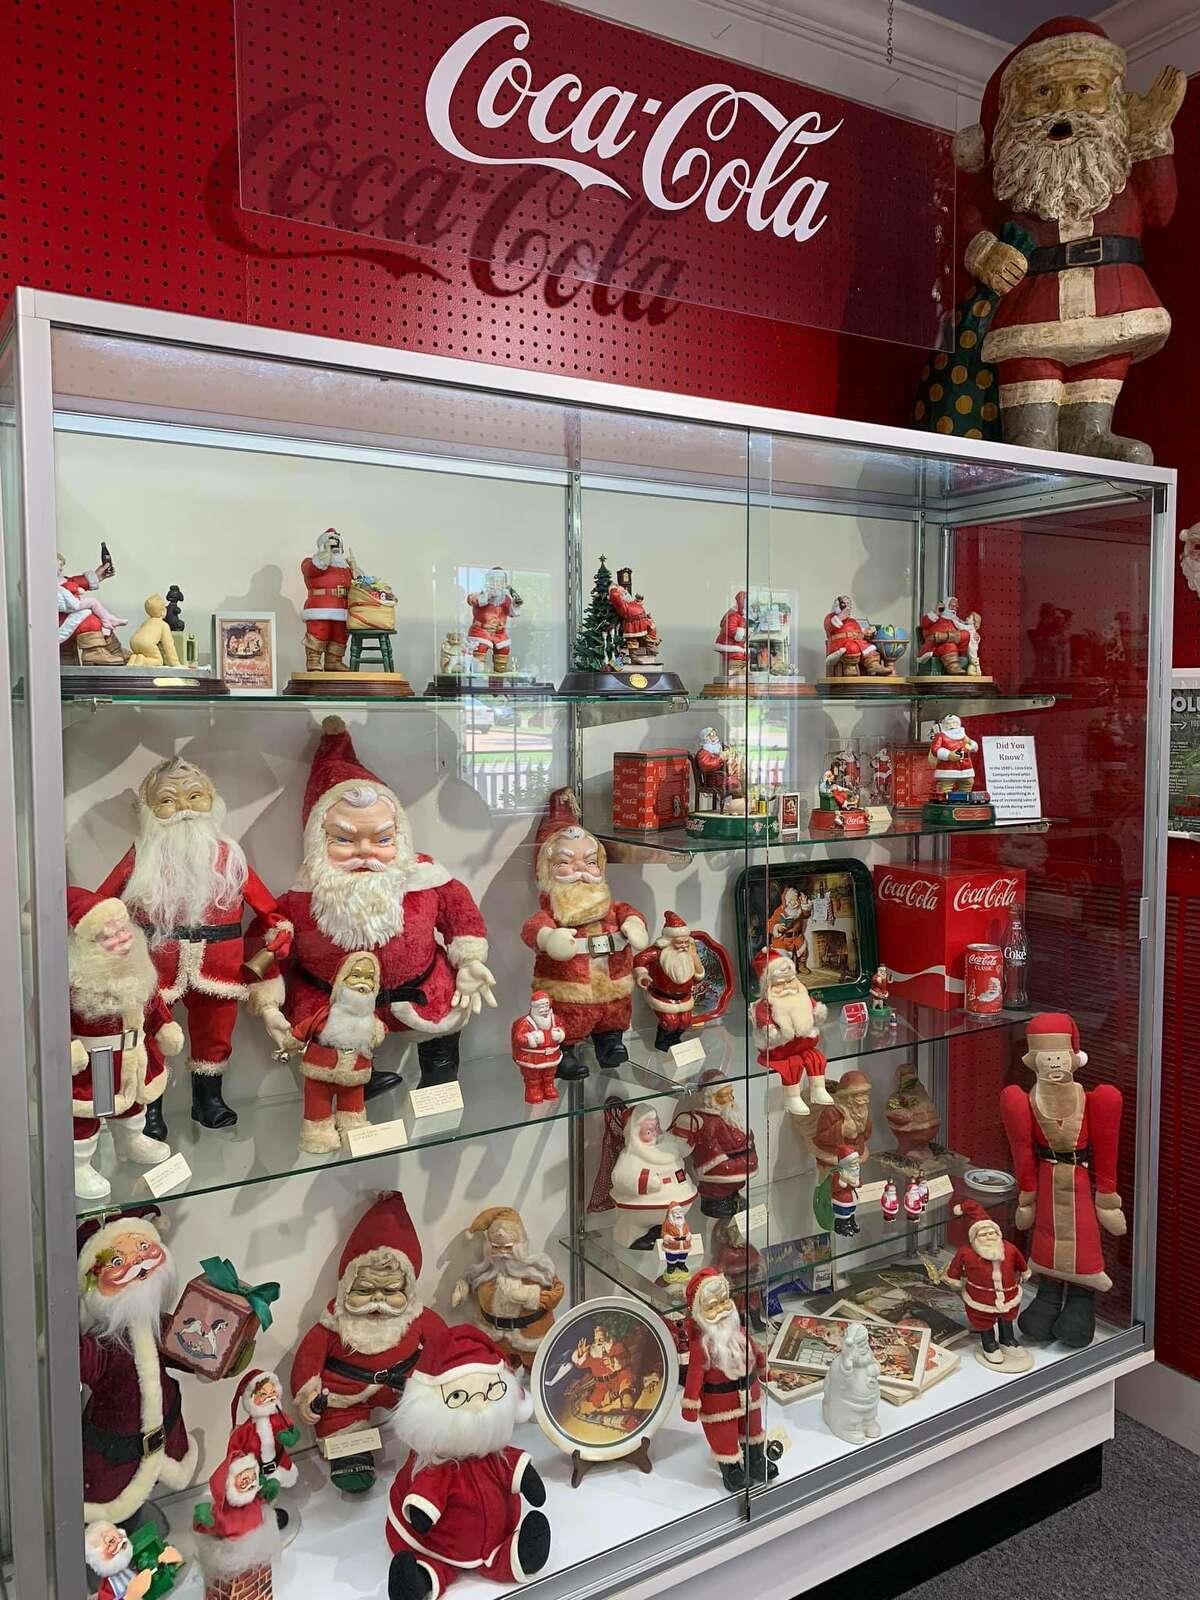 Collection of Santas in a Coca-Cola display case.